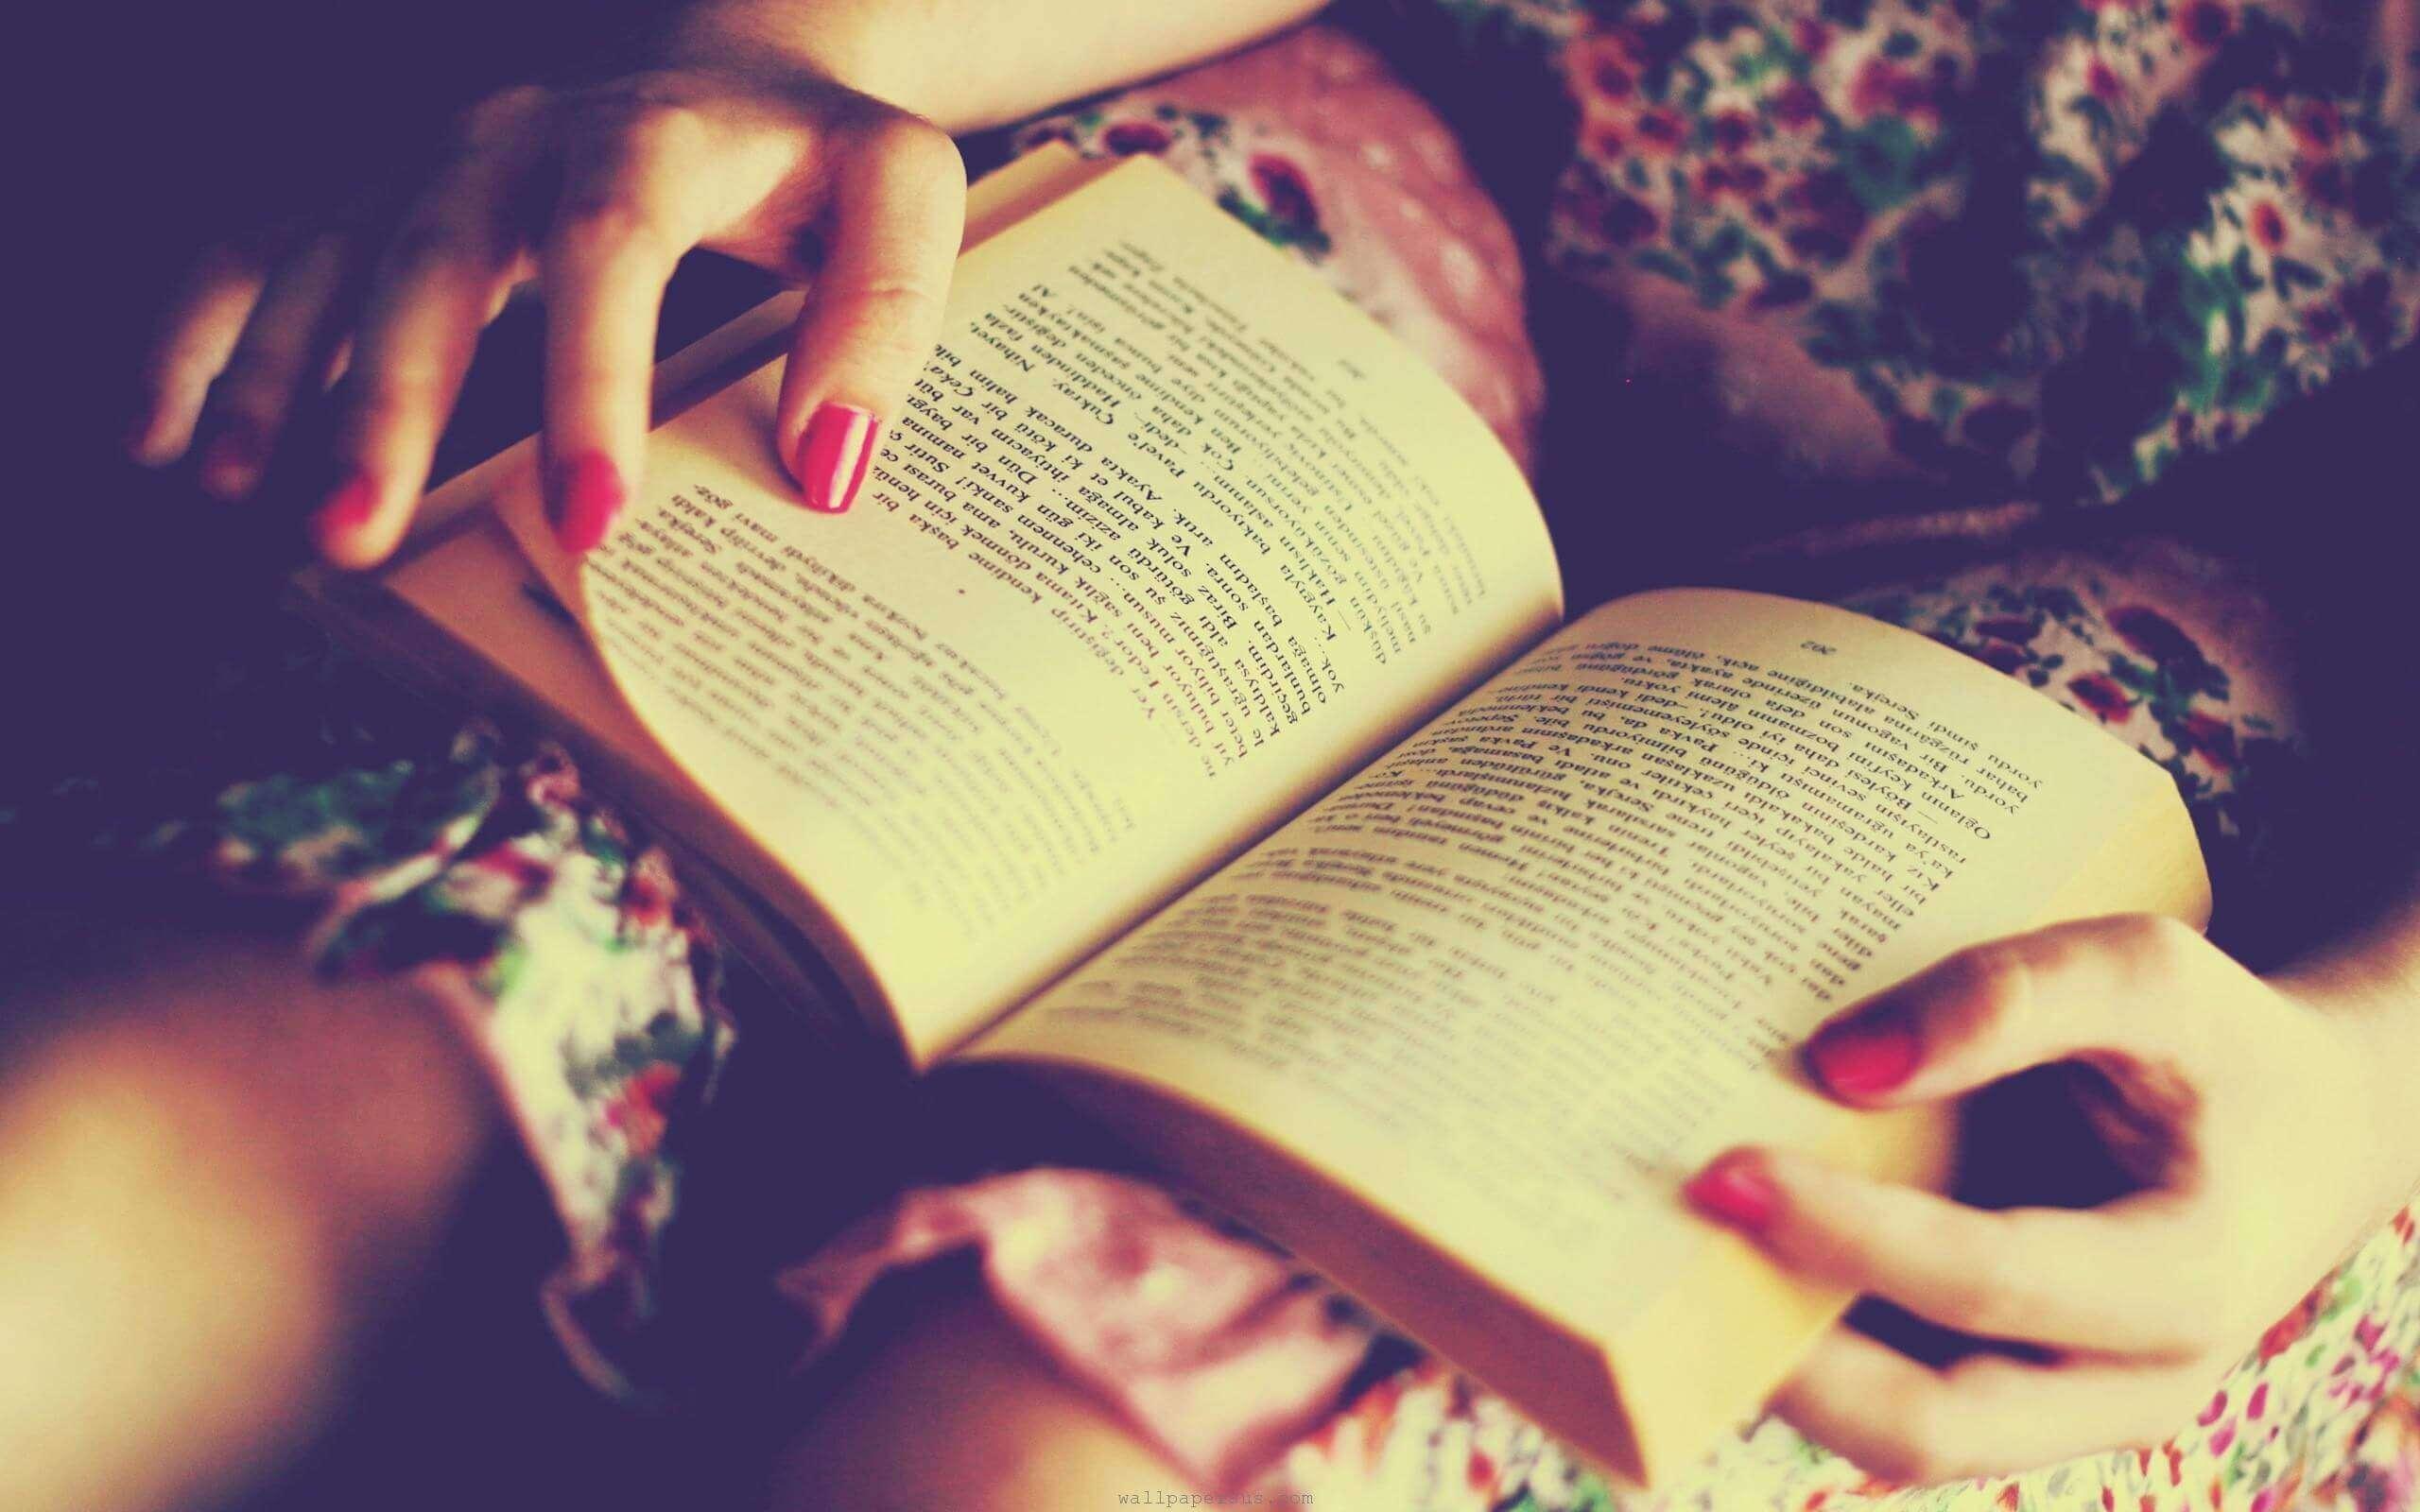 książka na kolanach i czytanie w nocy